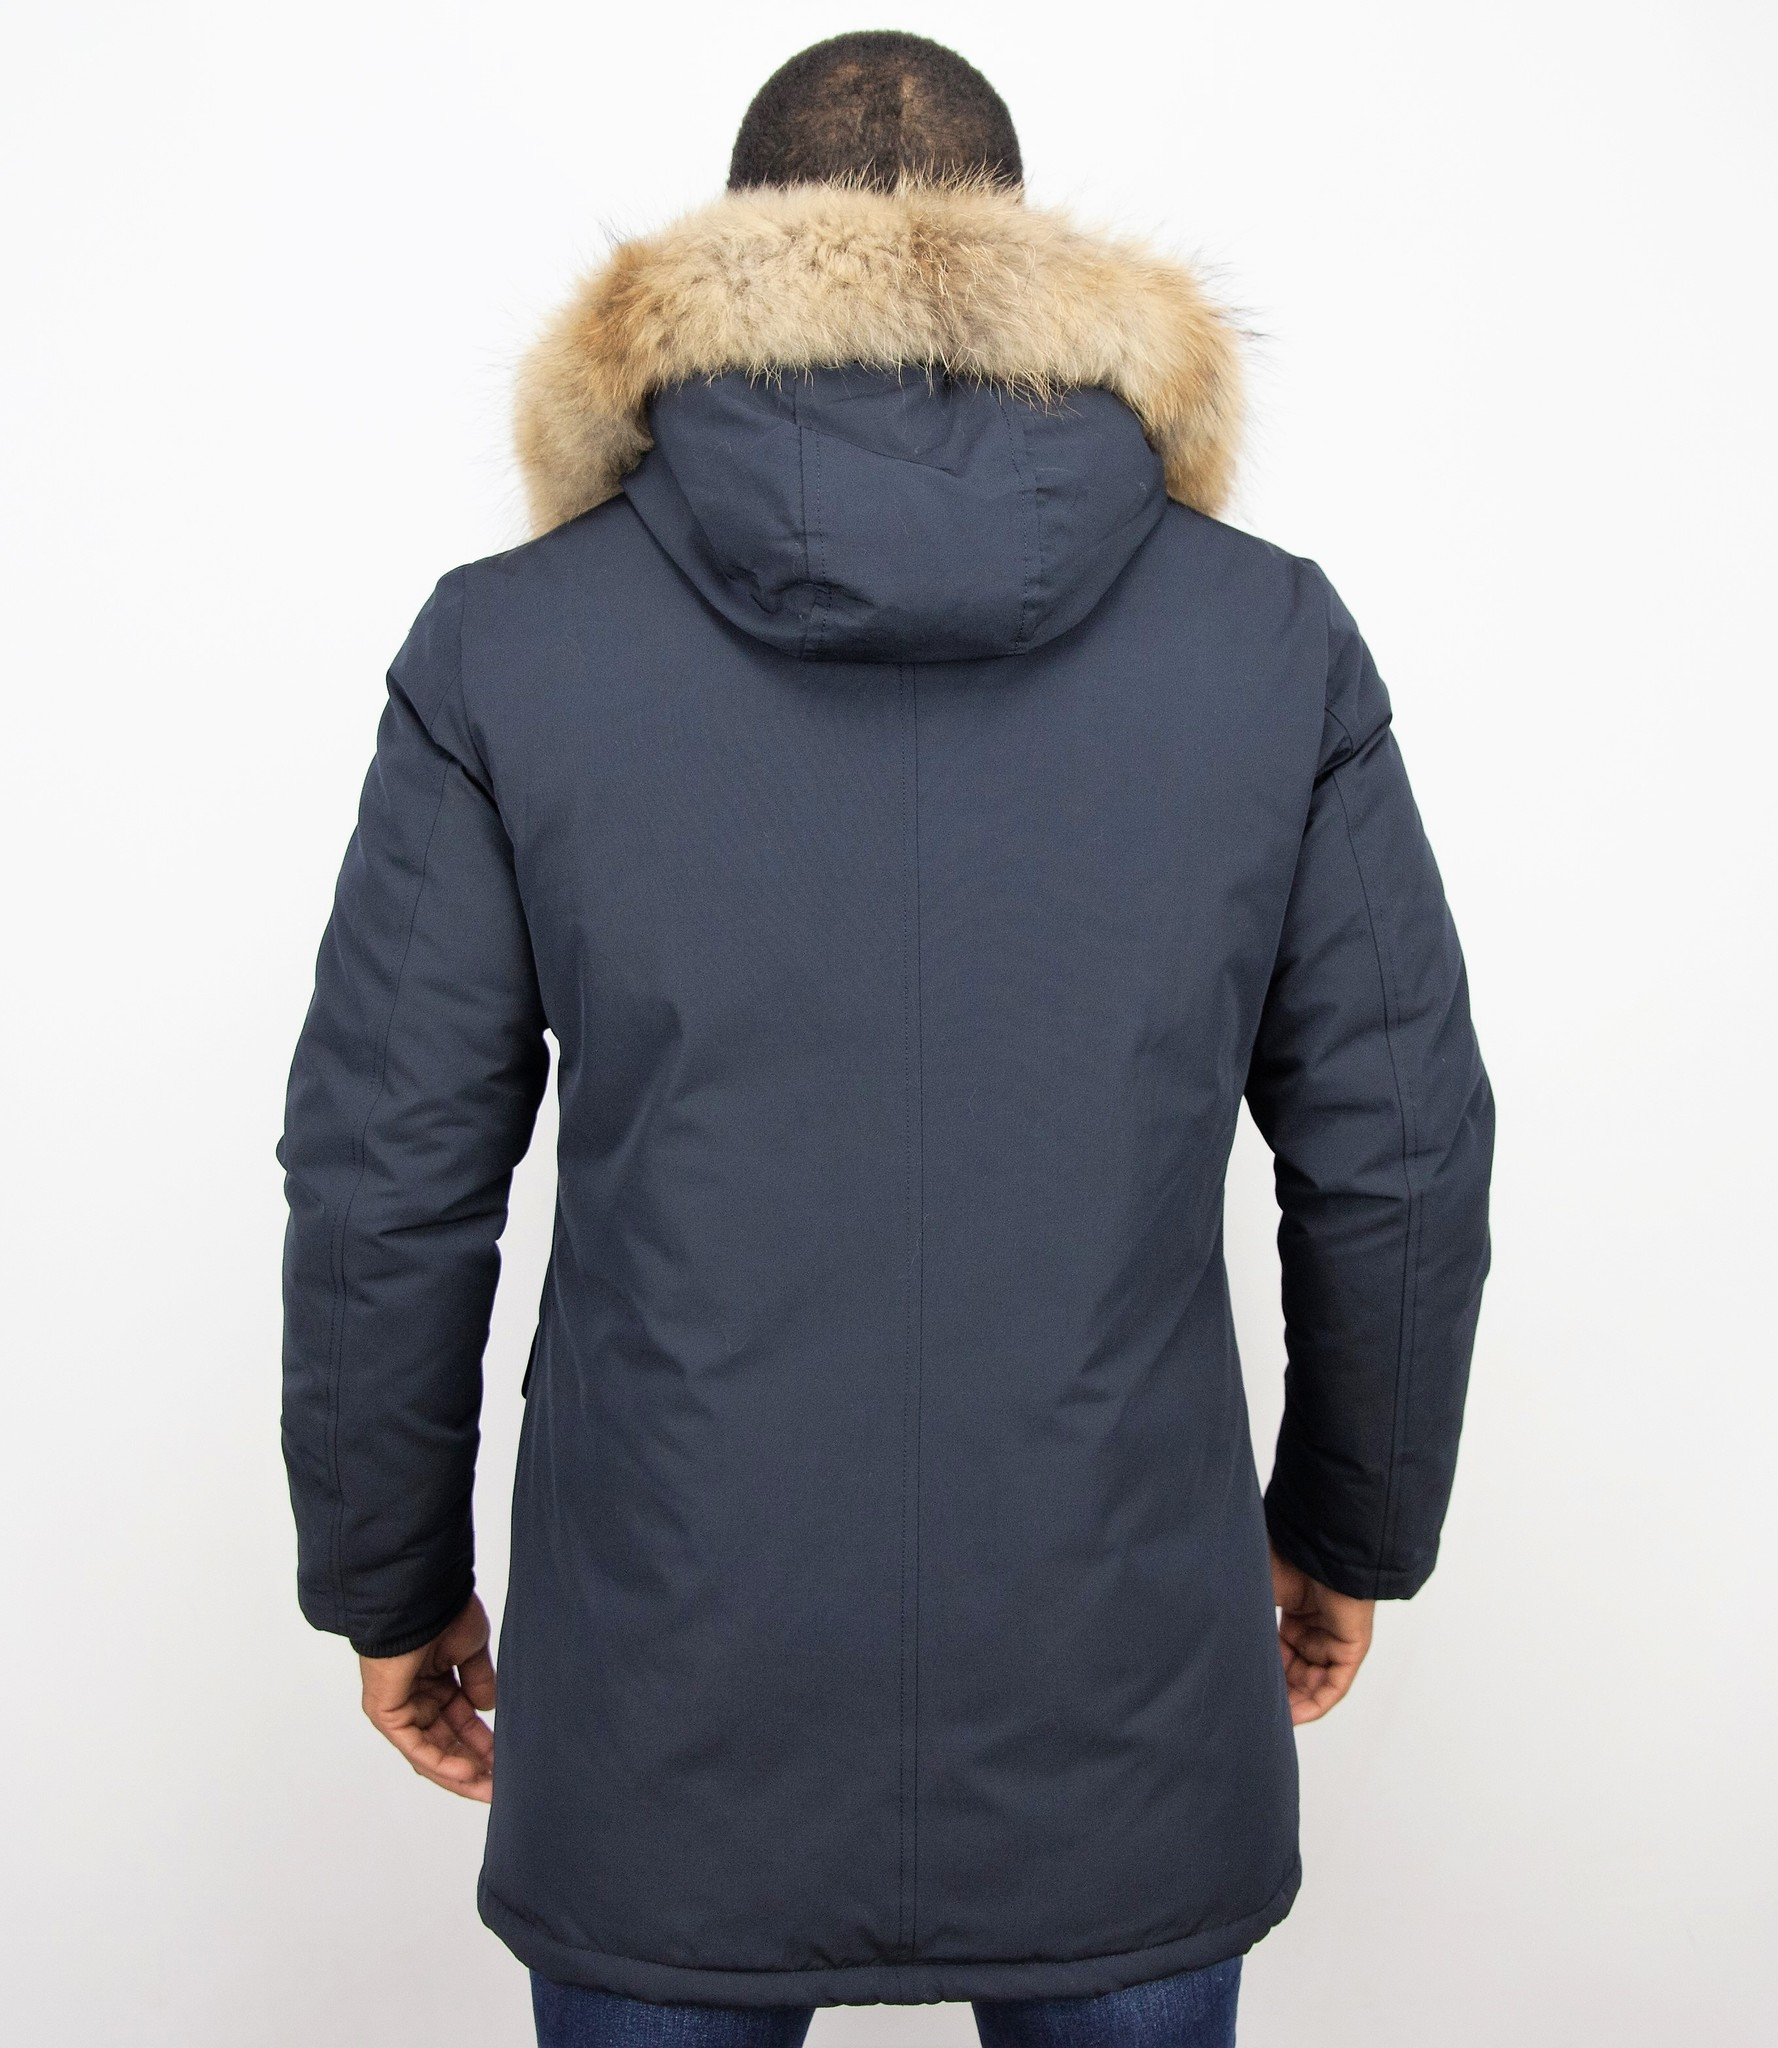 Enos Jacken mit Fellkragen Winterjacken Herren Lange